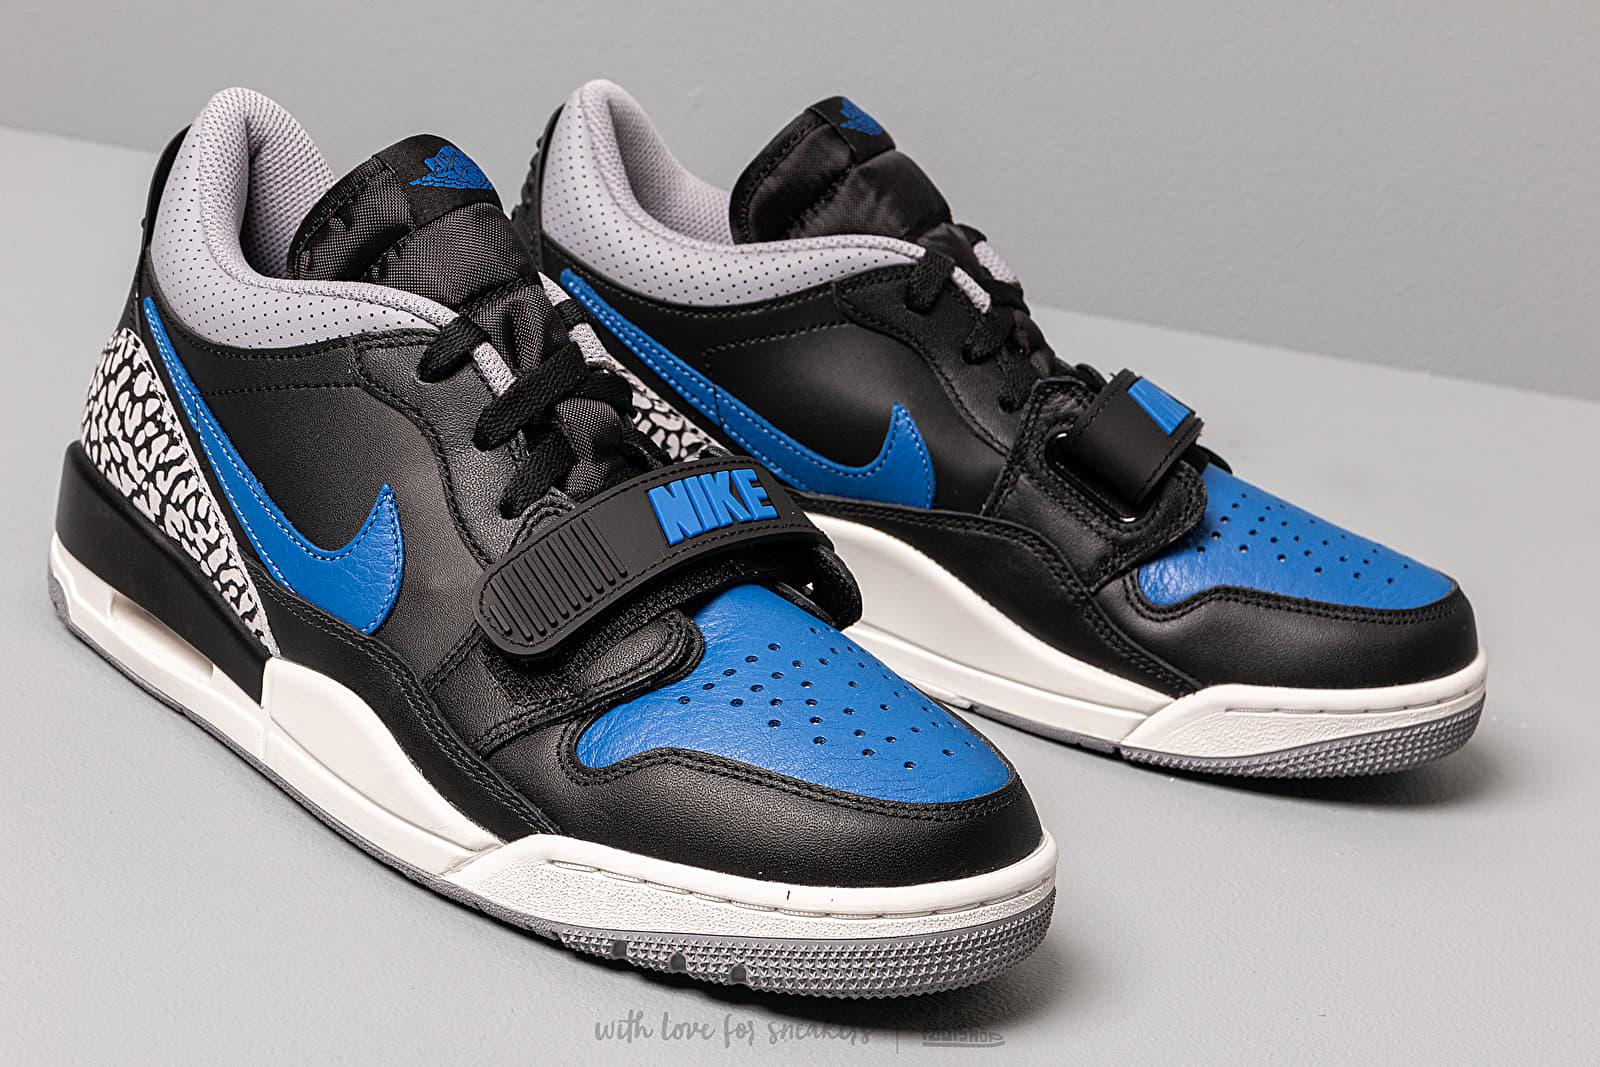 Nike Air Jordan Legacy 312 Rövidszárú Akció Férfi Jordan